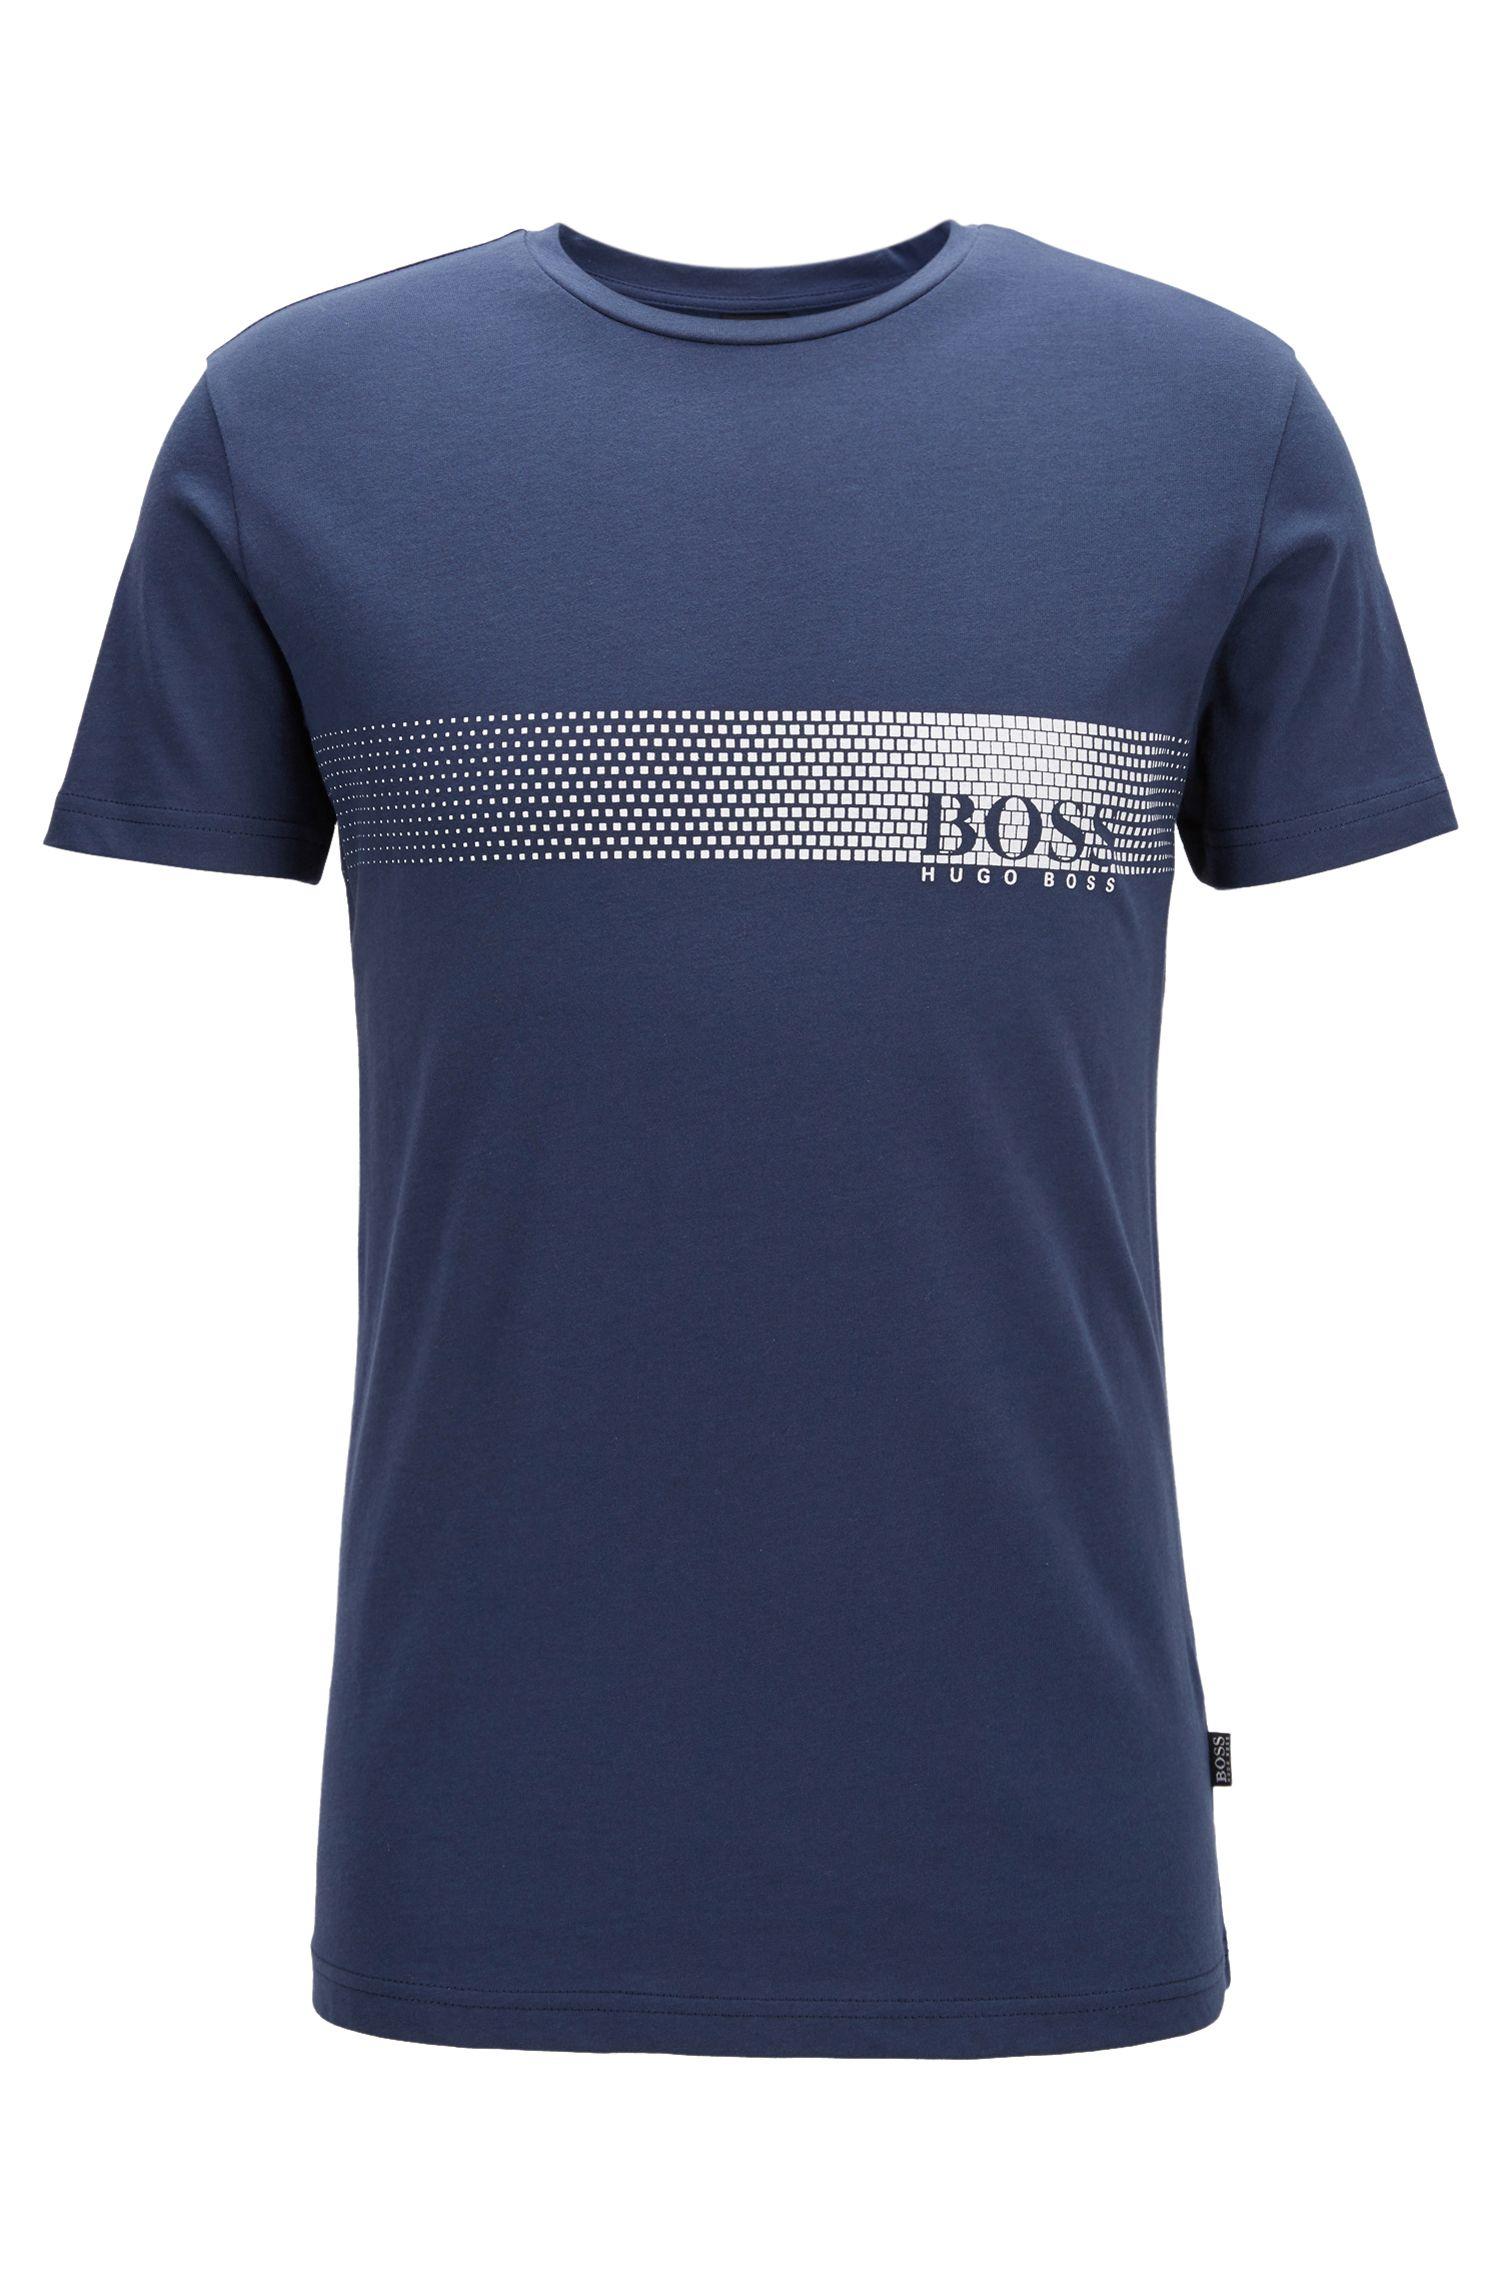 Sunsafe logo T-shirt in cotton